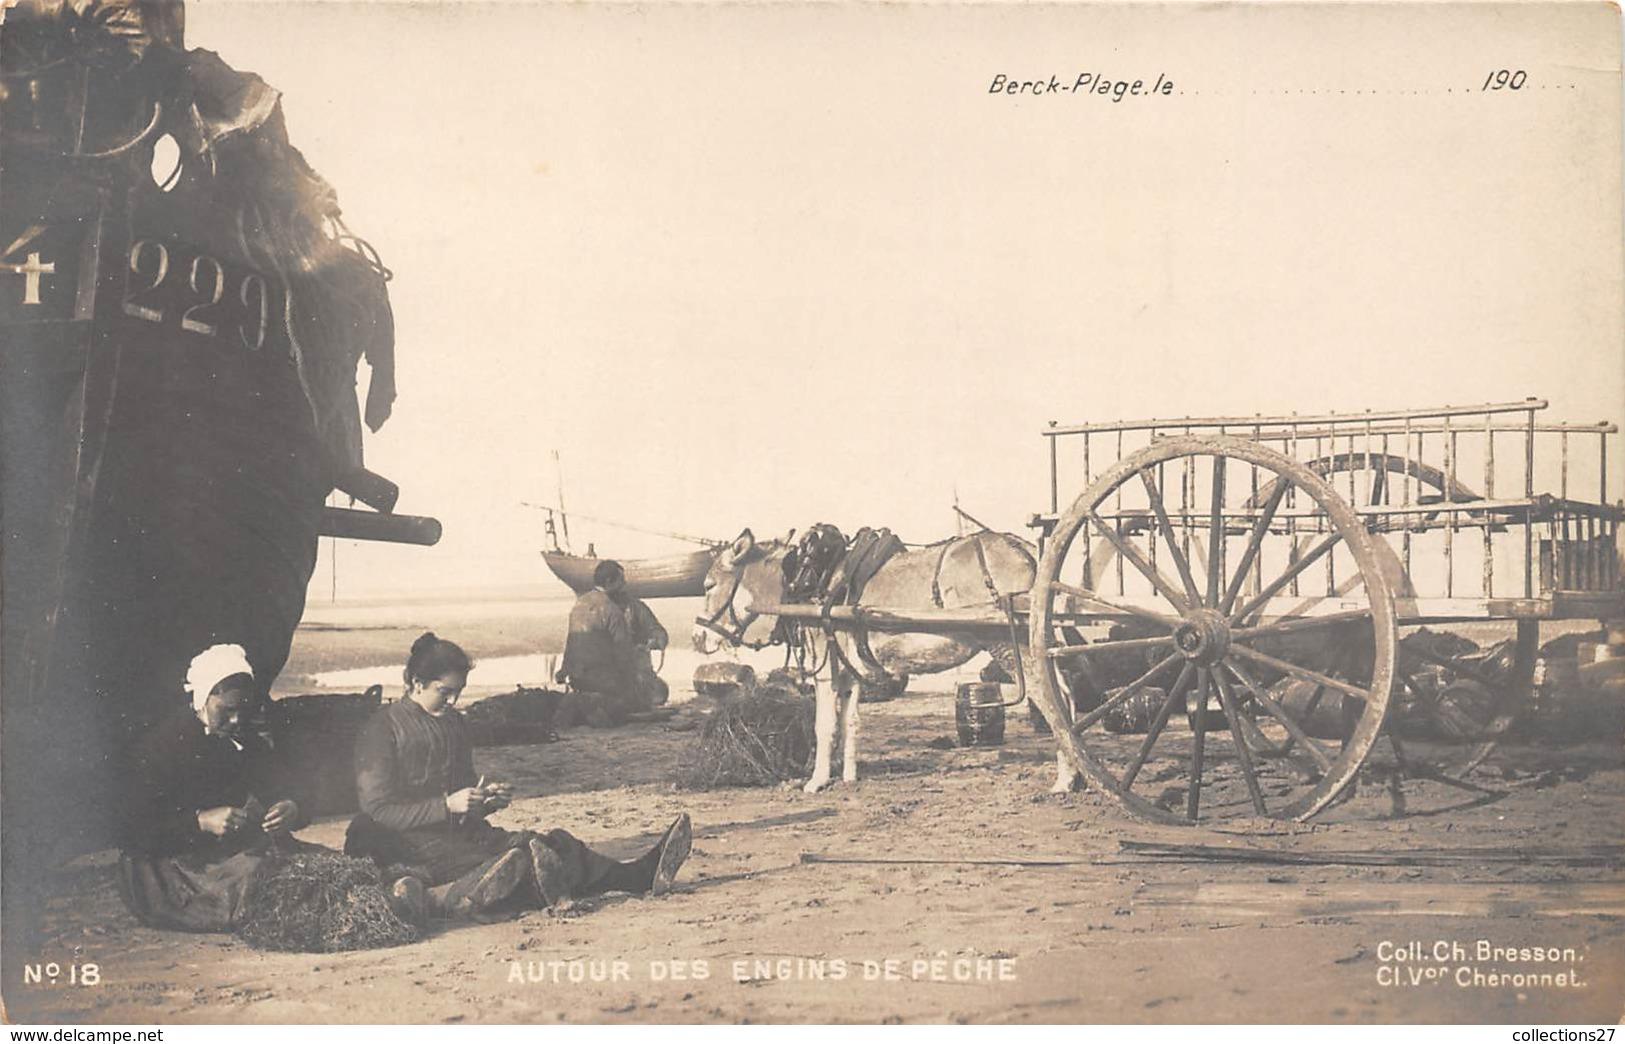 62-BERCK-PLAGE - CARTE PHOTO- AUTOUR DES ENGINS DE PÊCHE - Berck